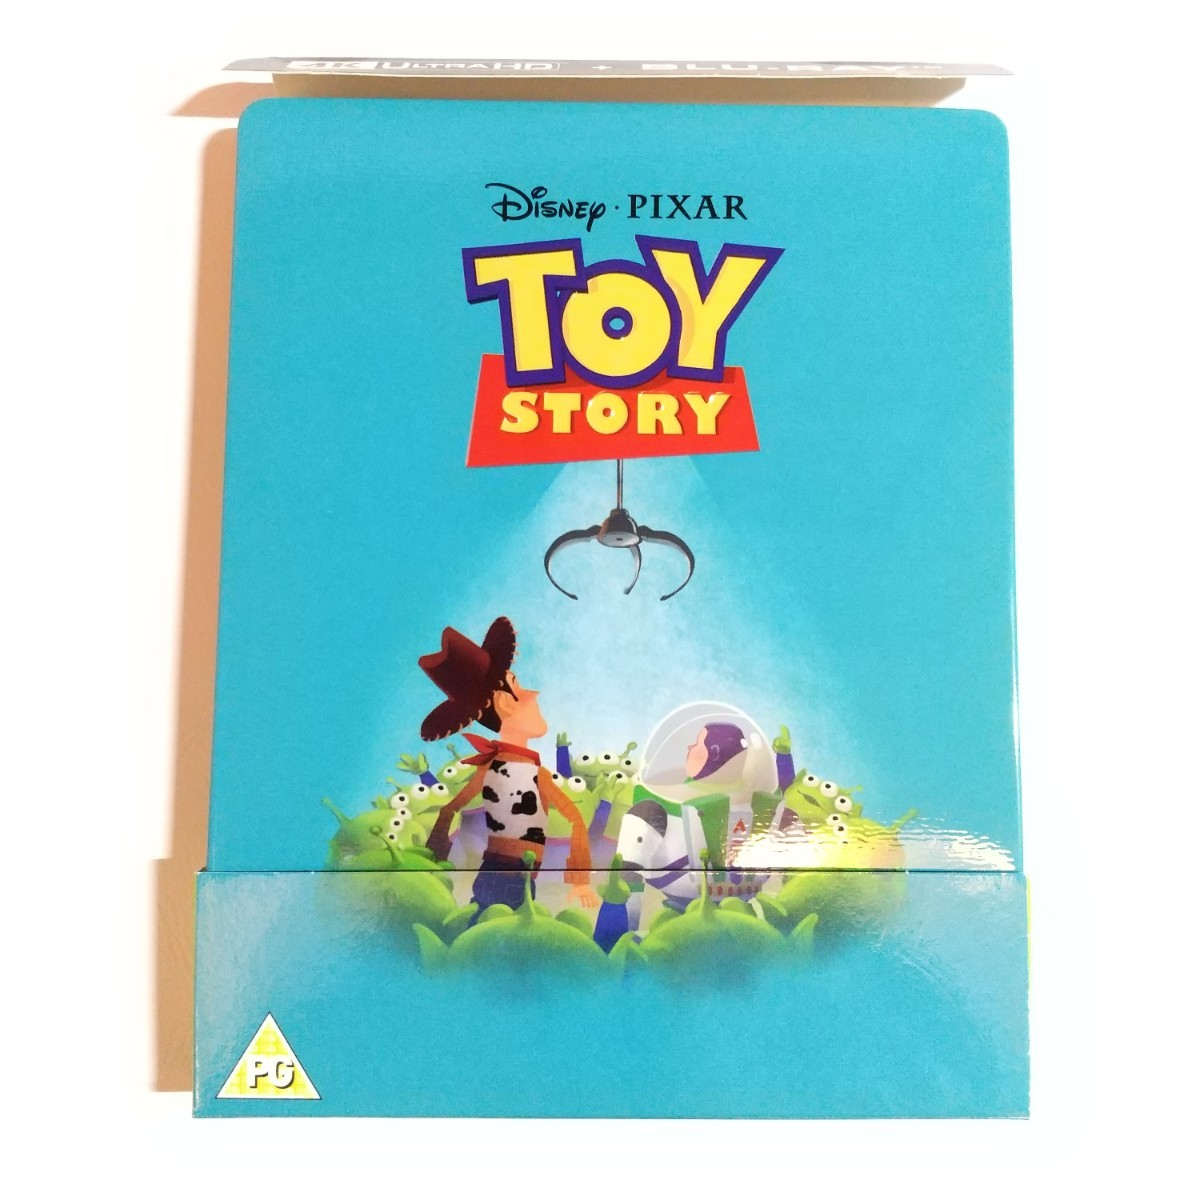 ディズニー ピクサー トイストーリー スチールブック 4K Ultra HD+Blu-ray 日本語あり